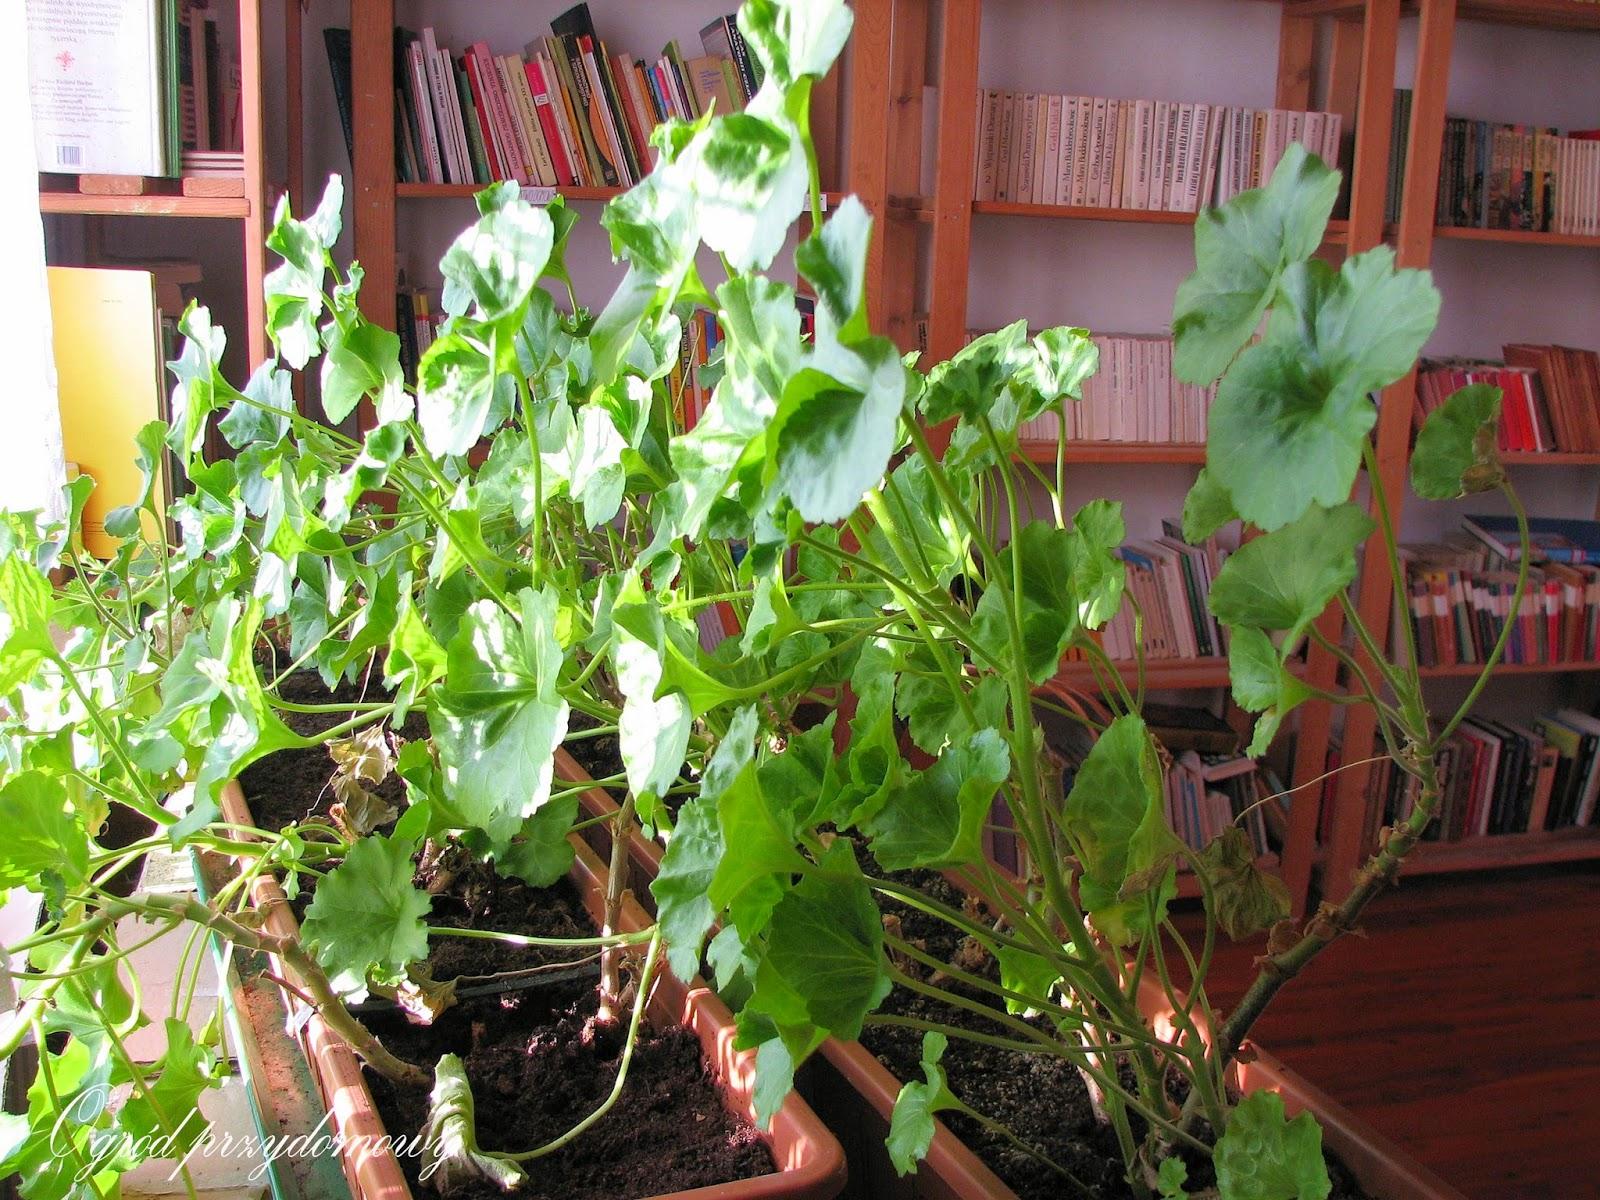 zimowanie roślin w domu, ogród za grosze, zimowanie pelargonii w domu, zimowanie pelargonii, ogród przydomowy